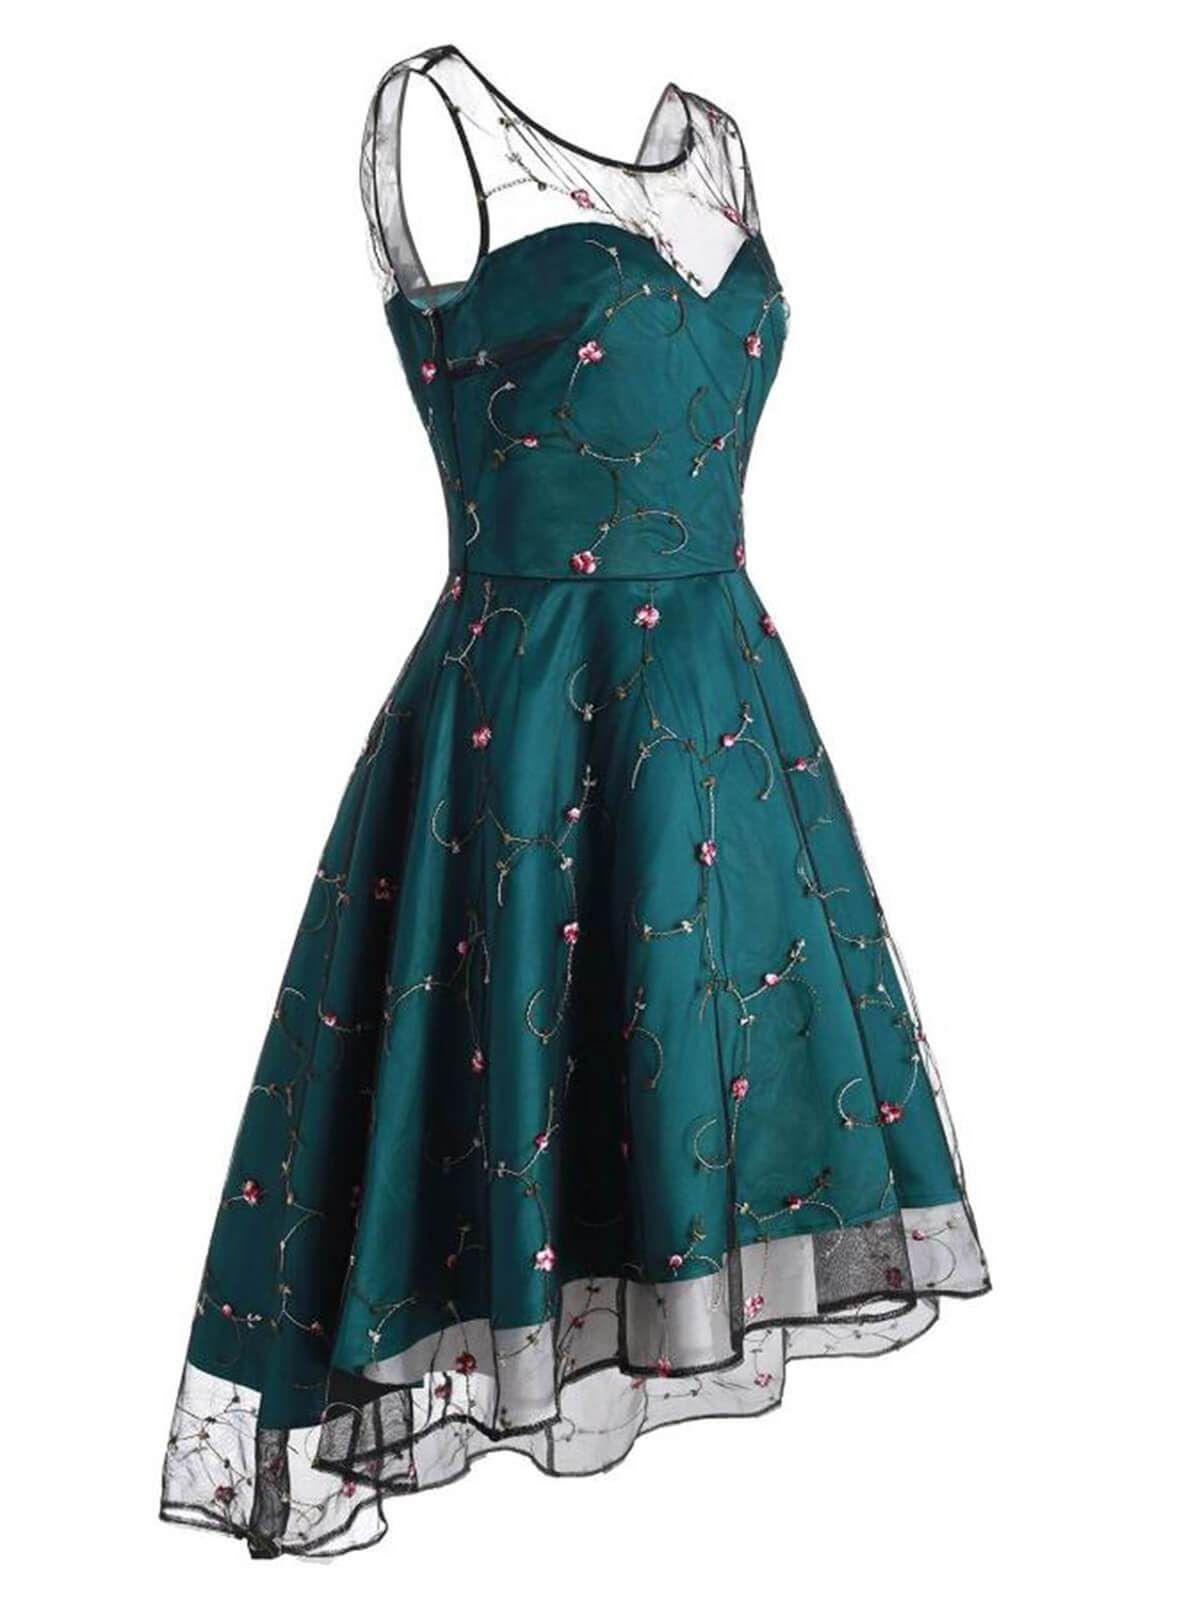 13 Einfach Swing Abendkleid Boutique20 Großartig Swing Abendkleid Vertrieb